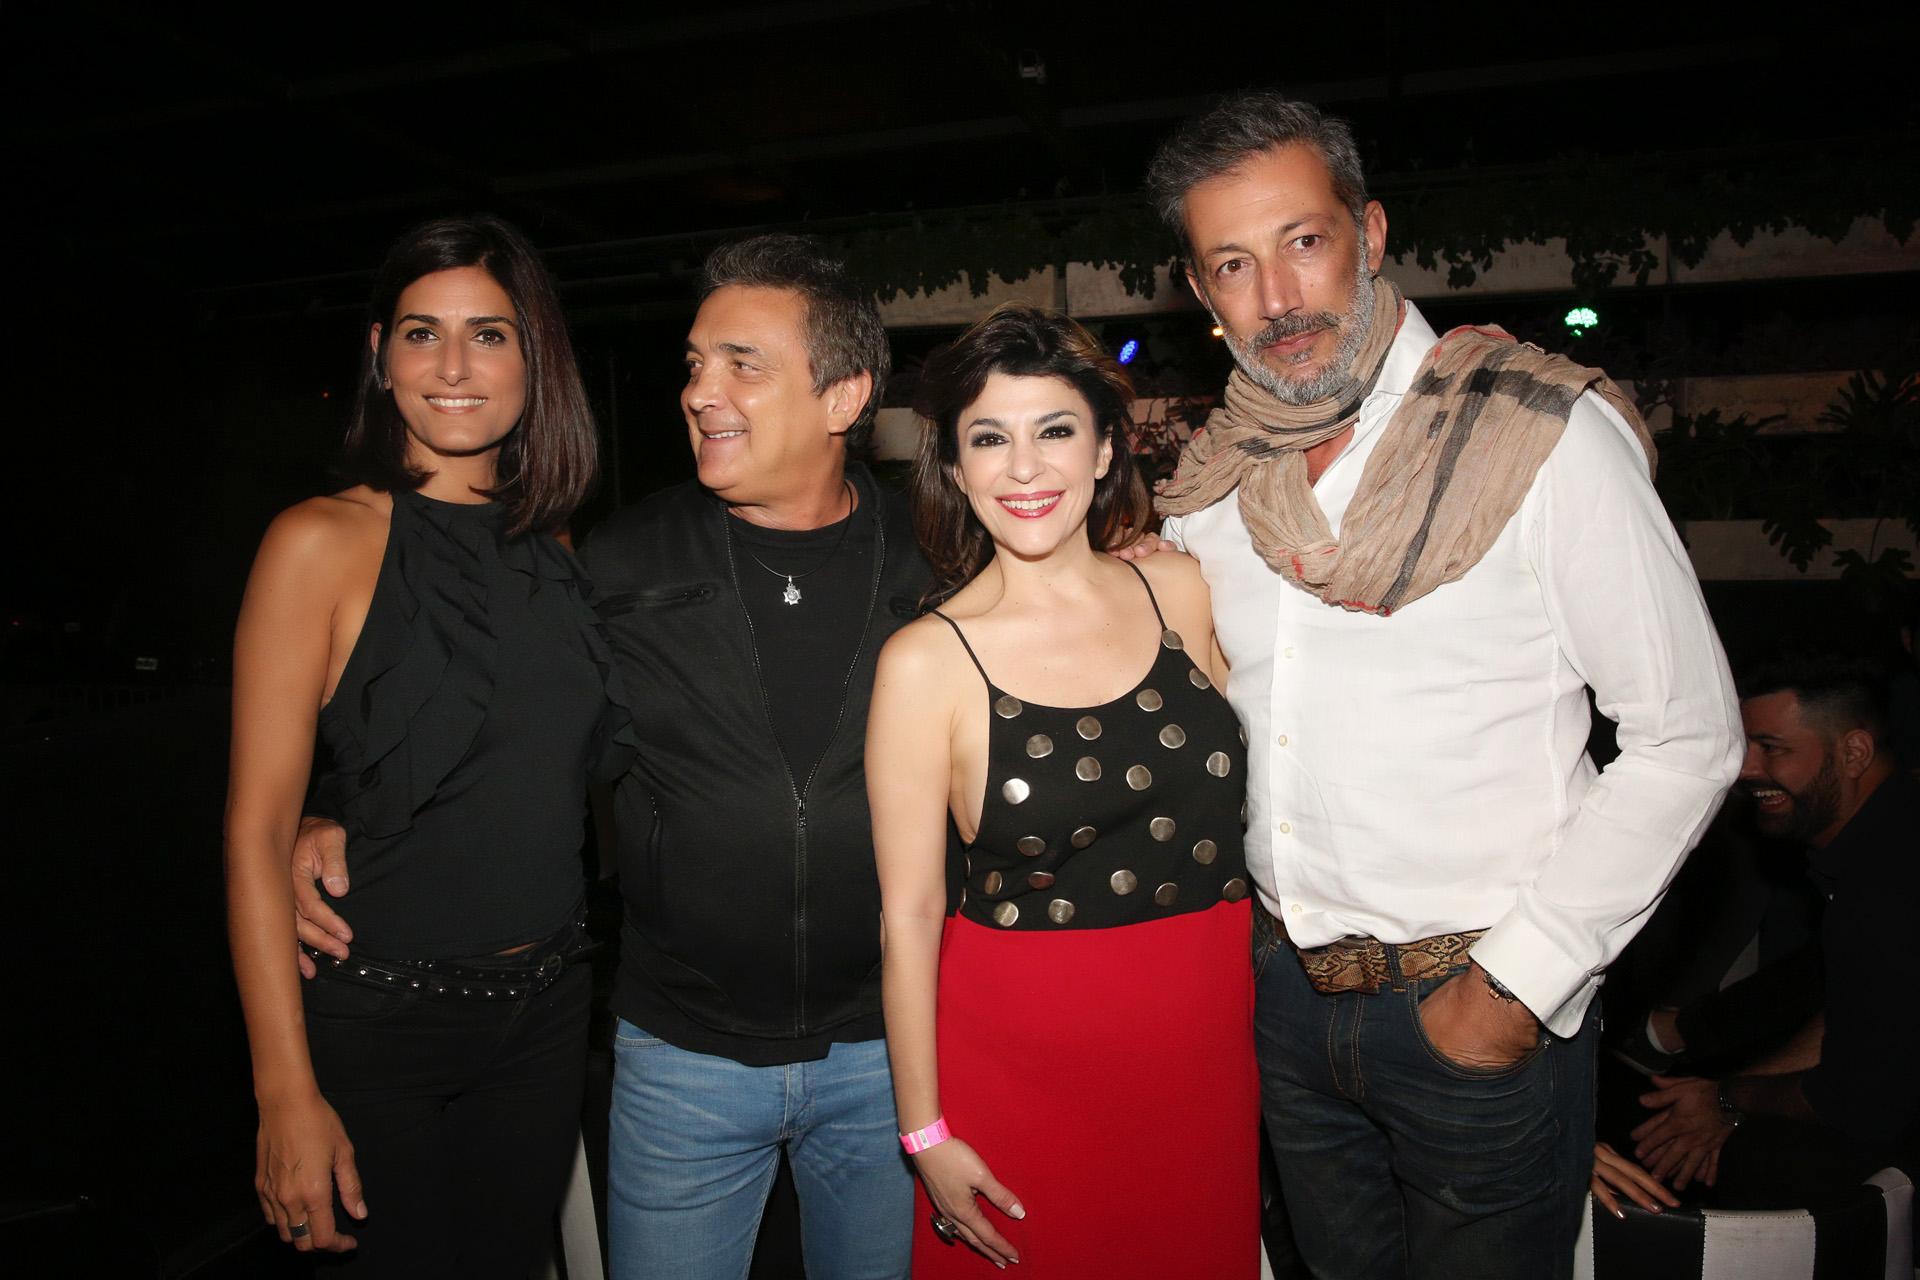 La cumpleañera, feliz con su pareja, Cecilia Milone y Nito Artaza